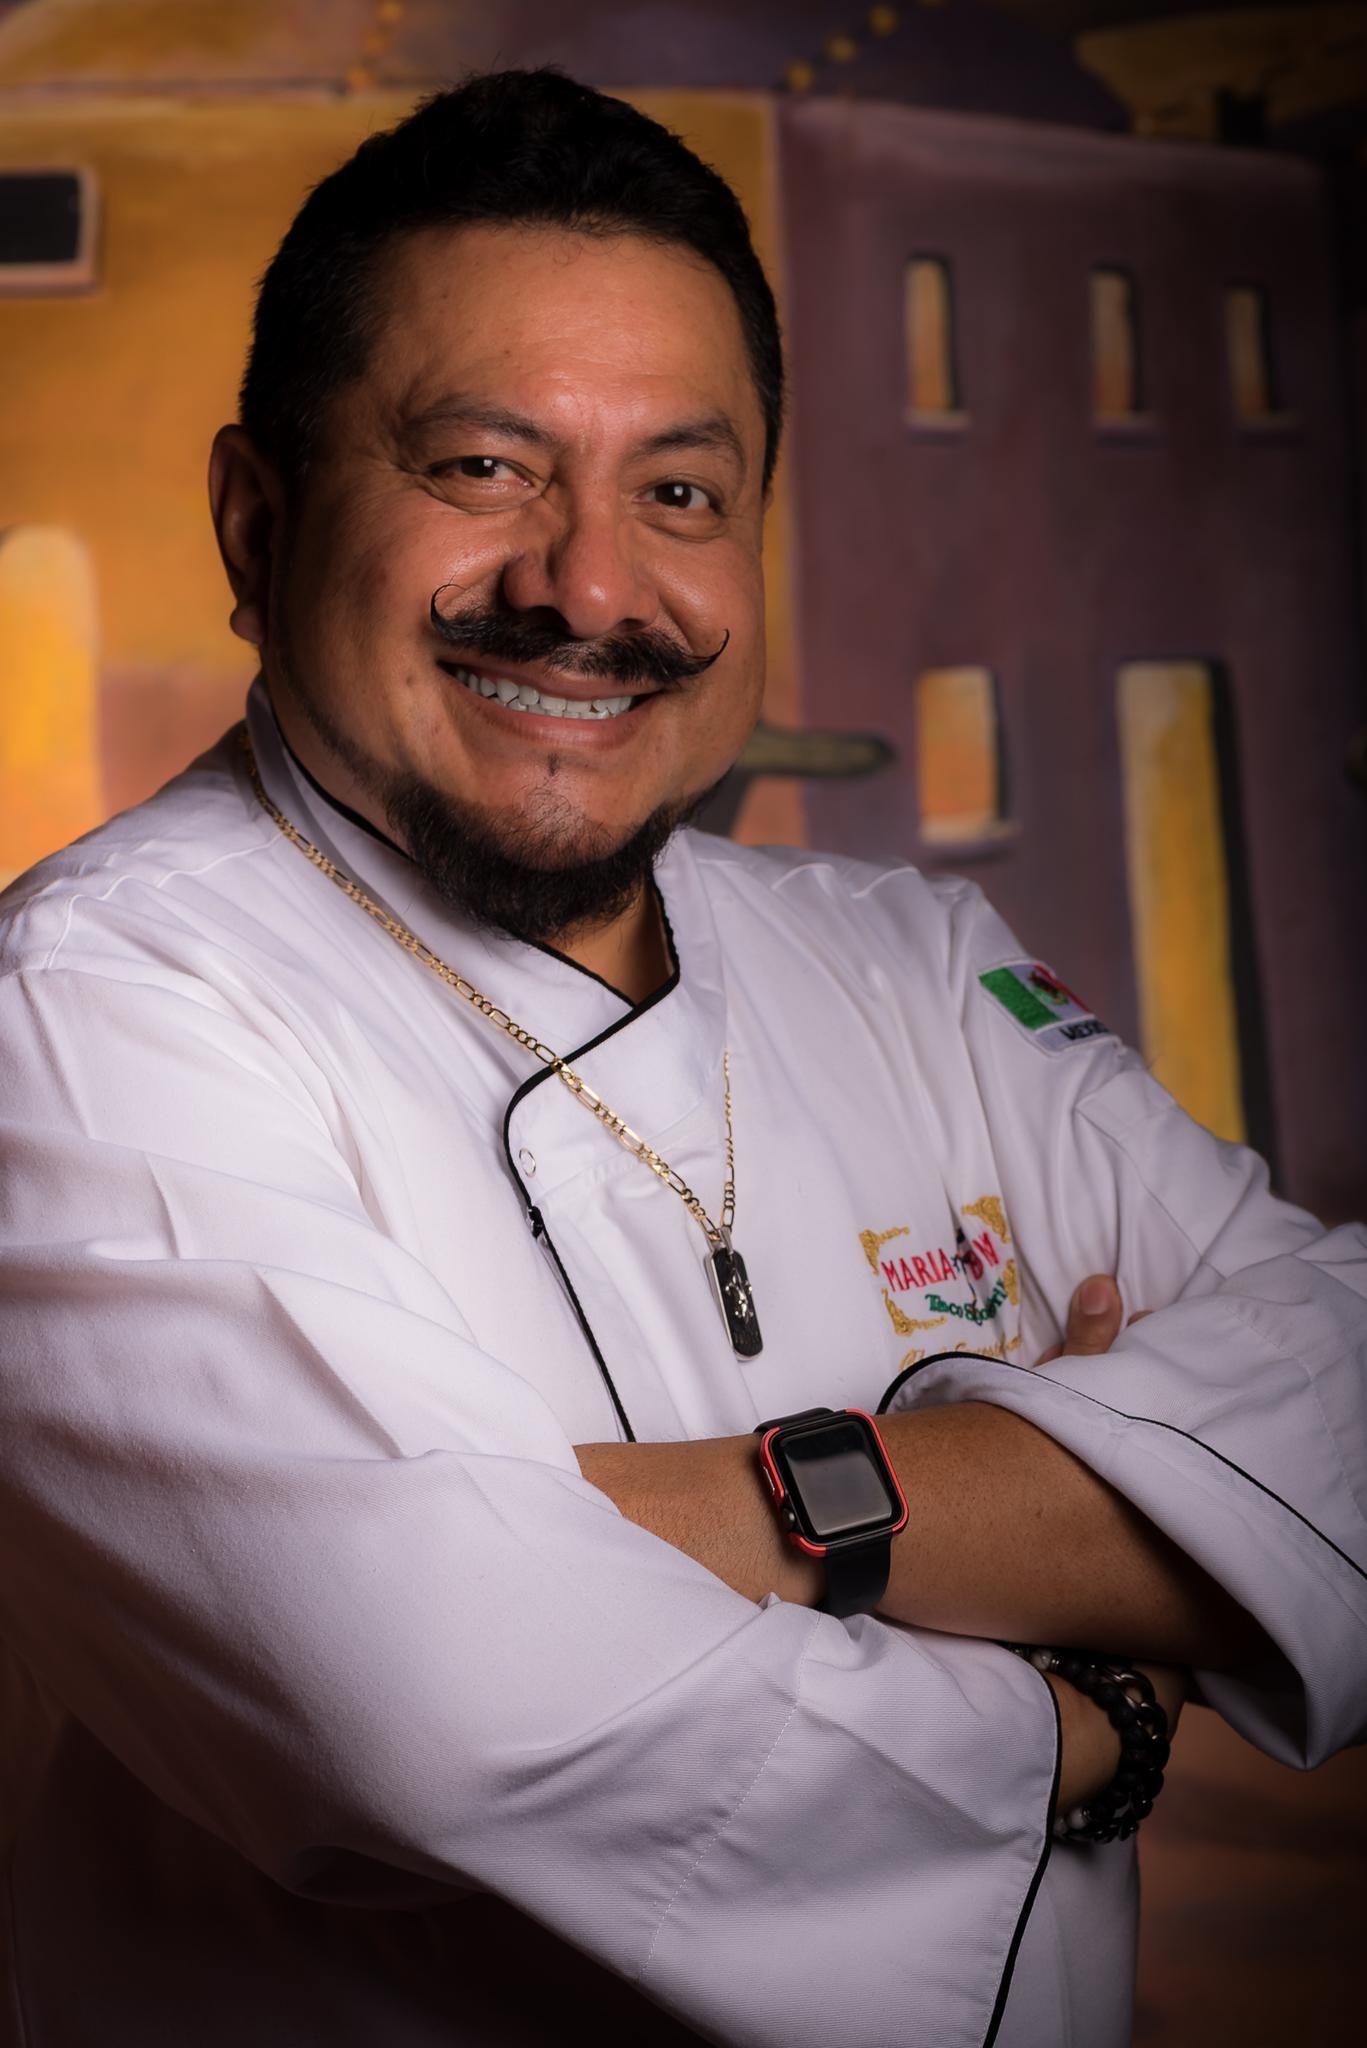 Chef Ernesto Renan Cab Vera